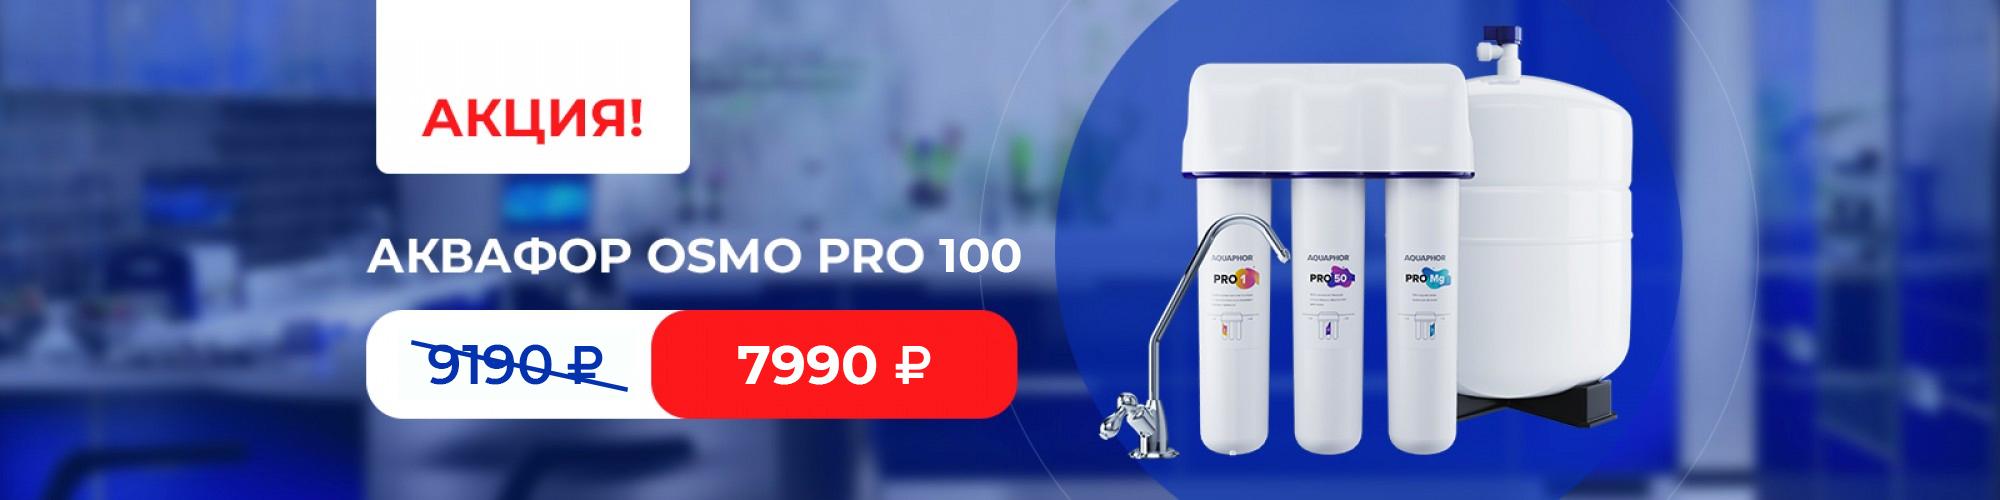 Osmo Pro 100